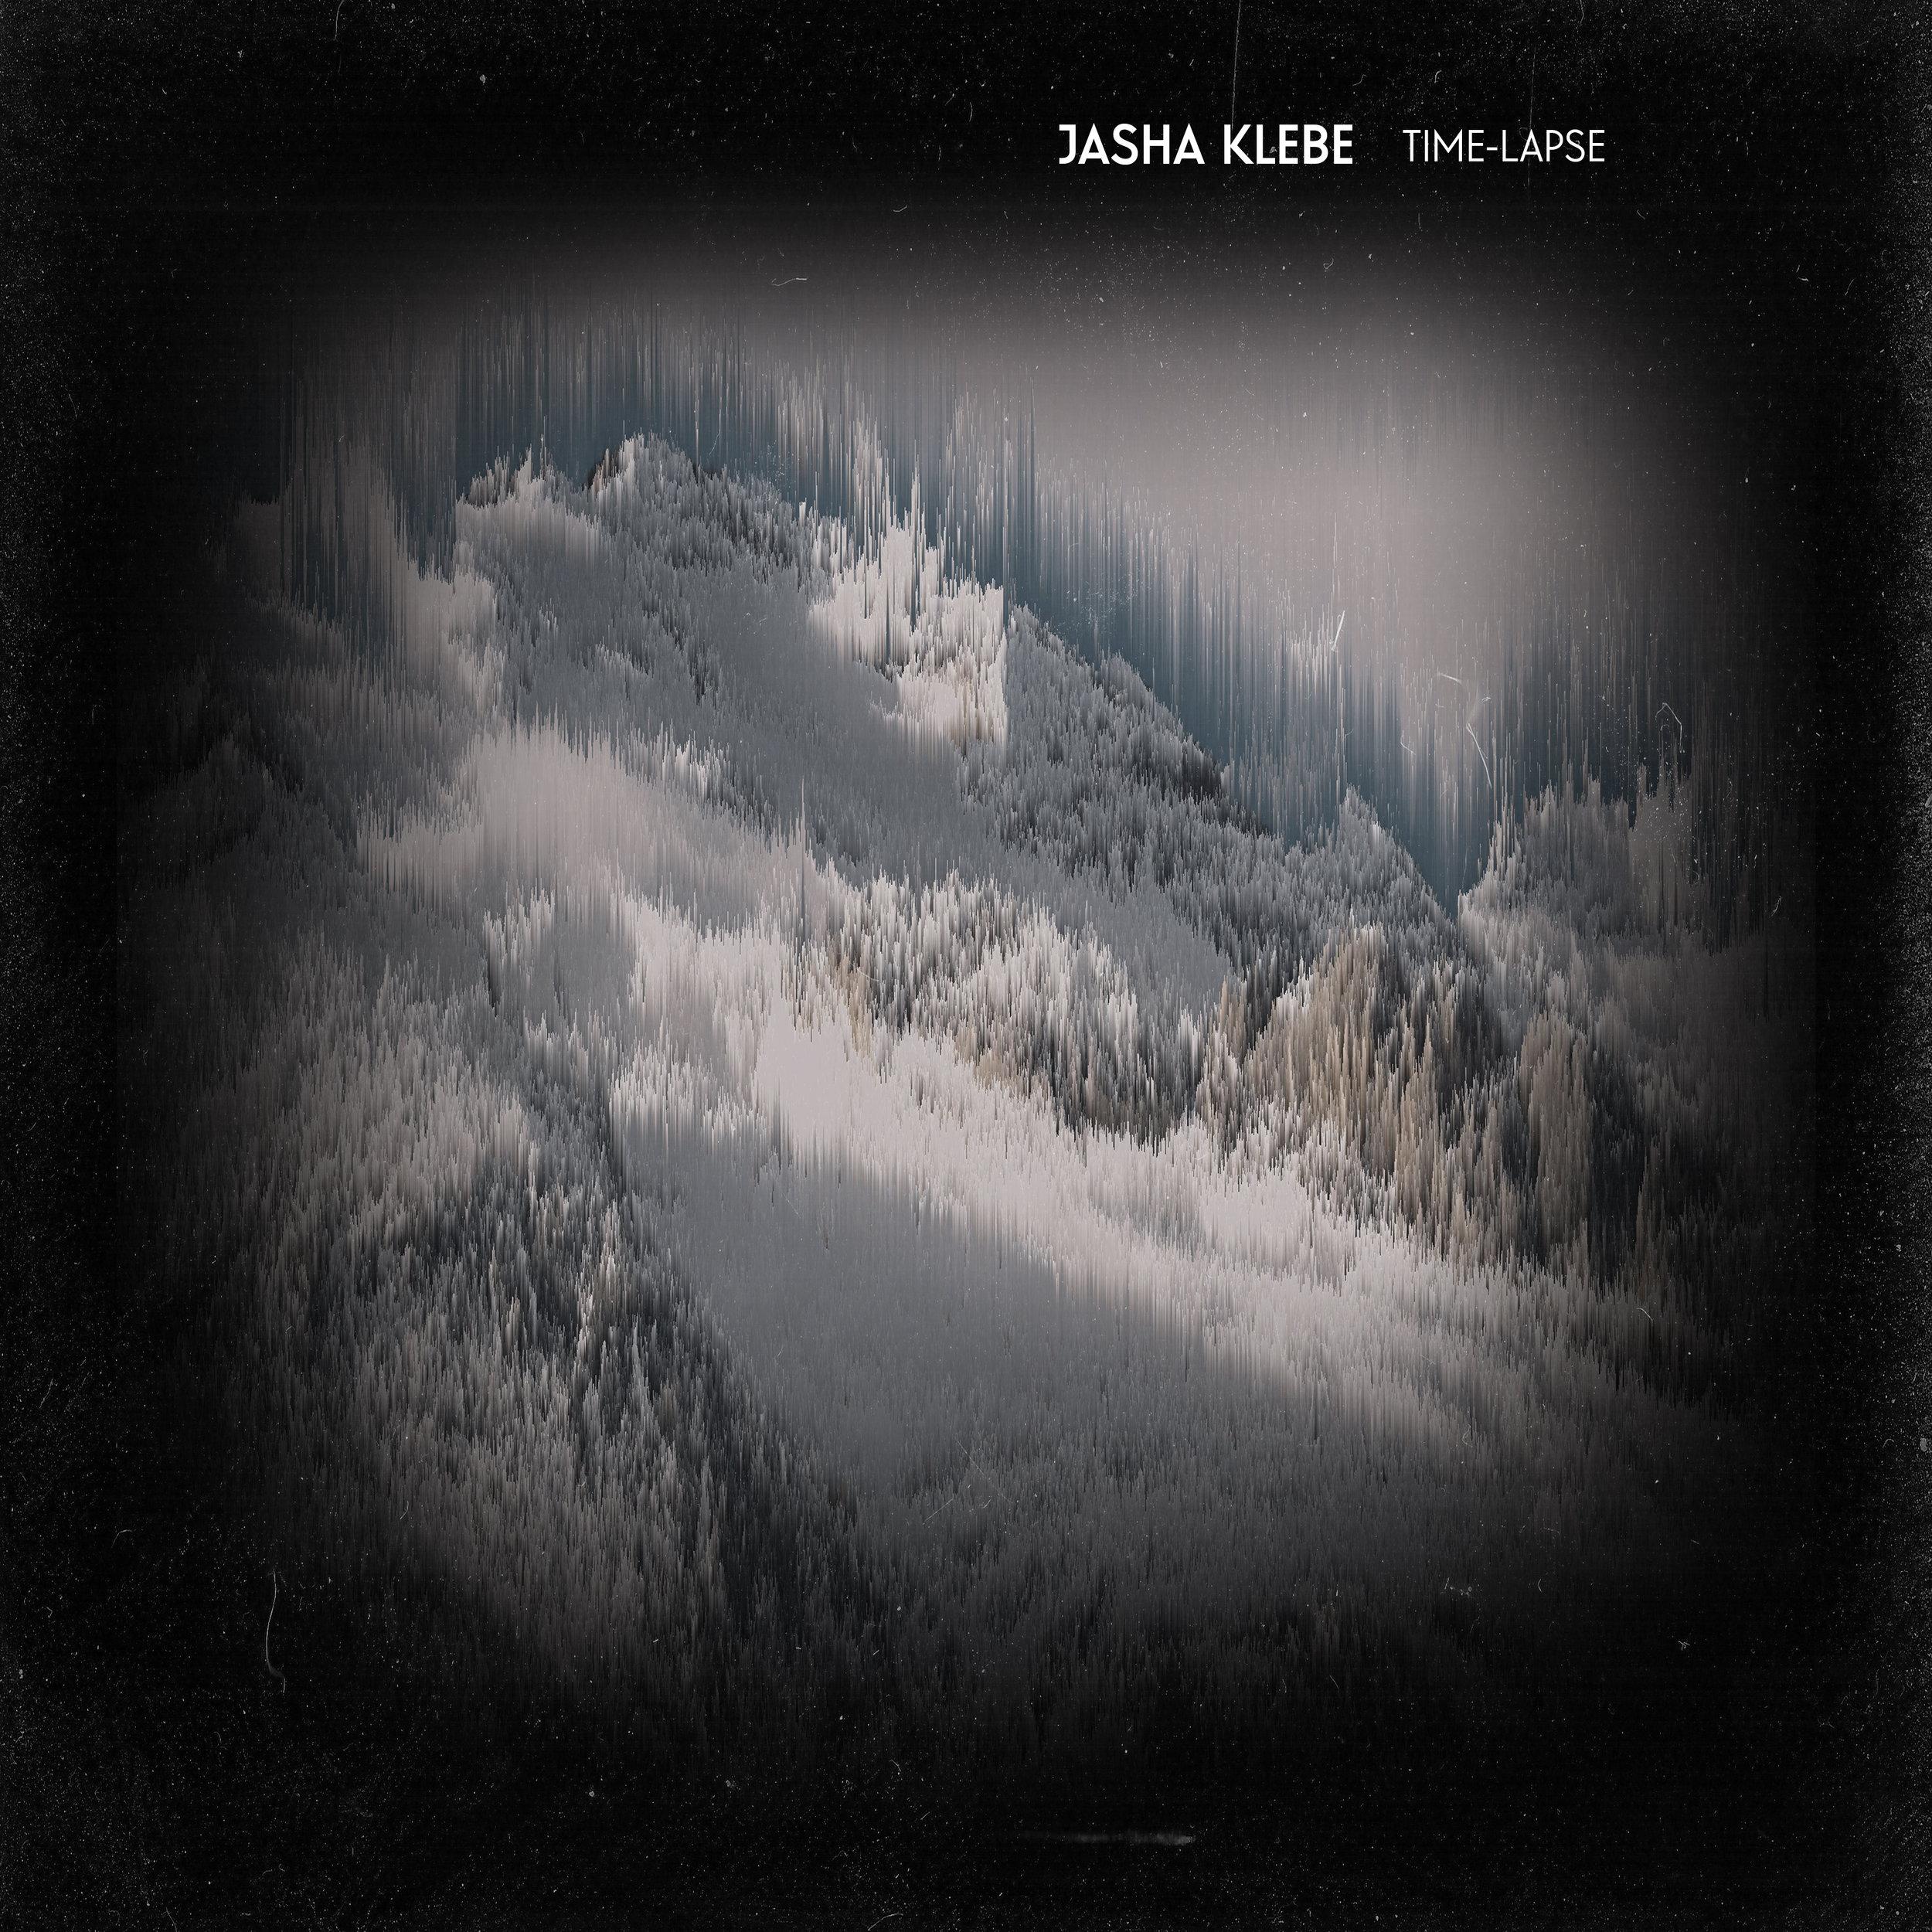 Time-Lapse | Jasha Klebe (2019) -